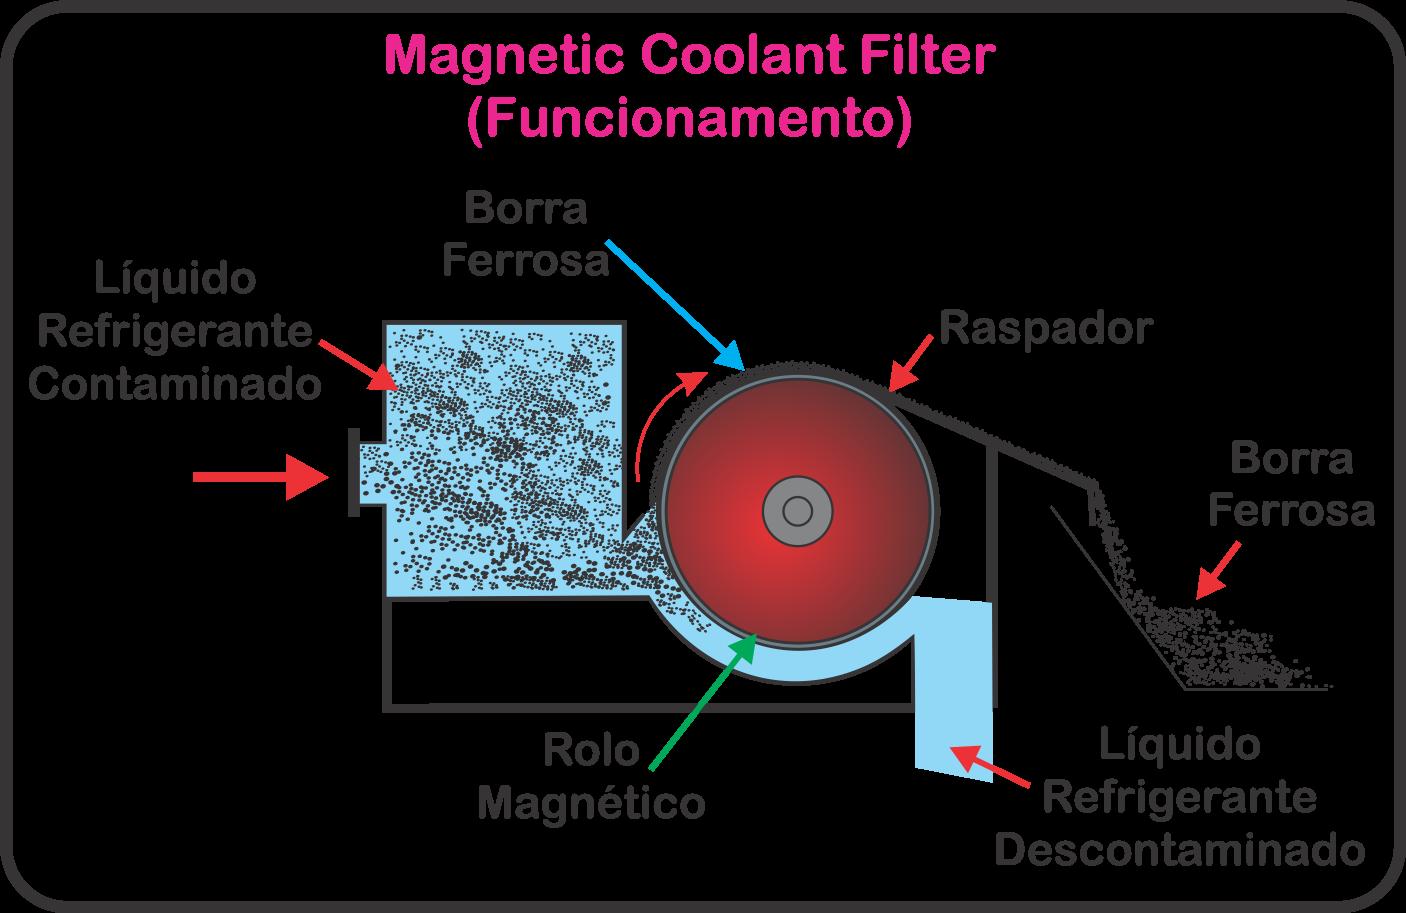 Diagrama de Funcionamento Magnetic Coolant Filter